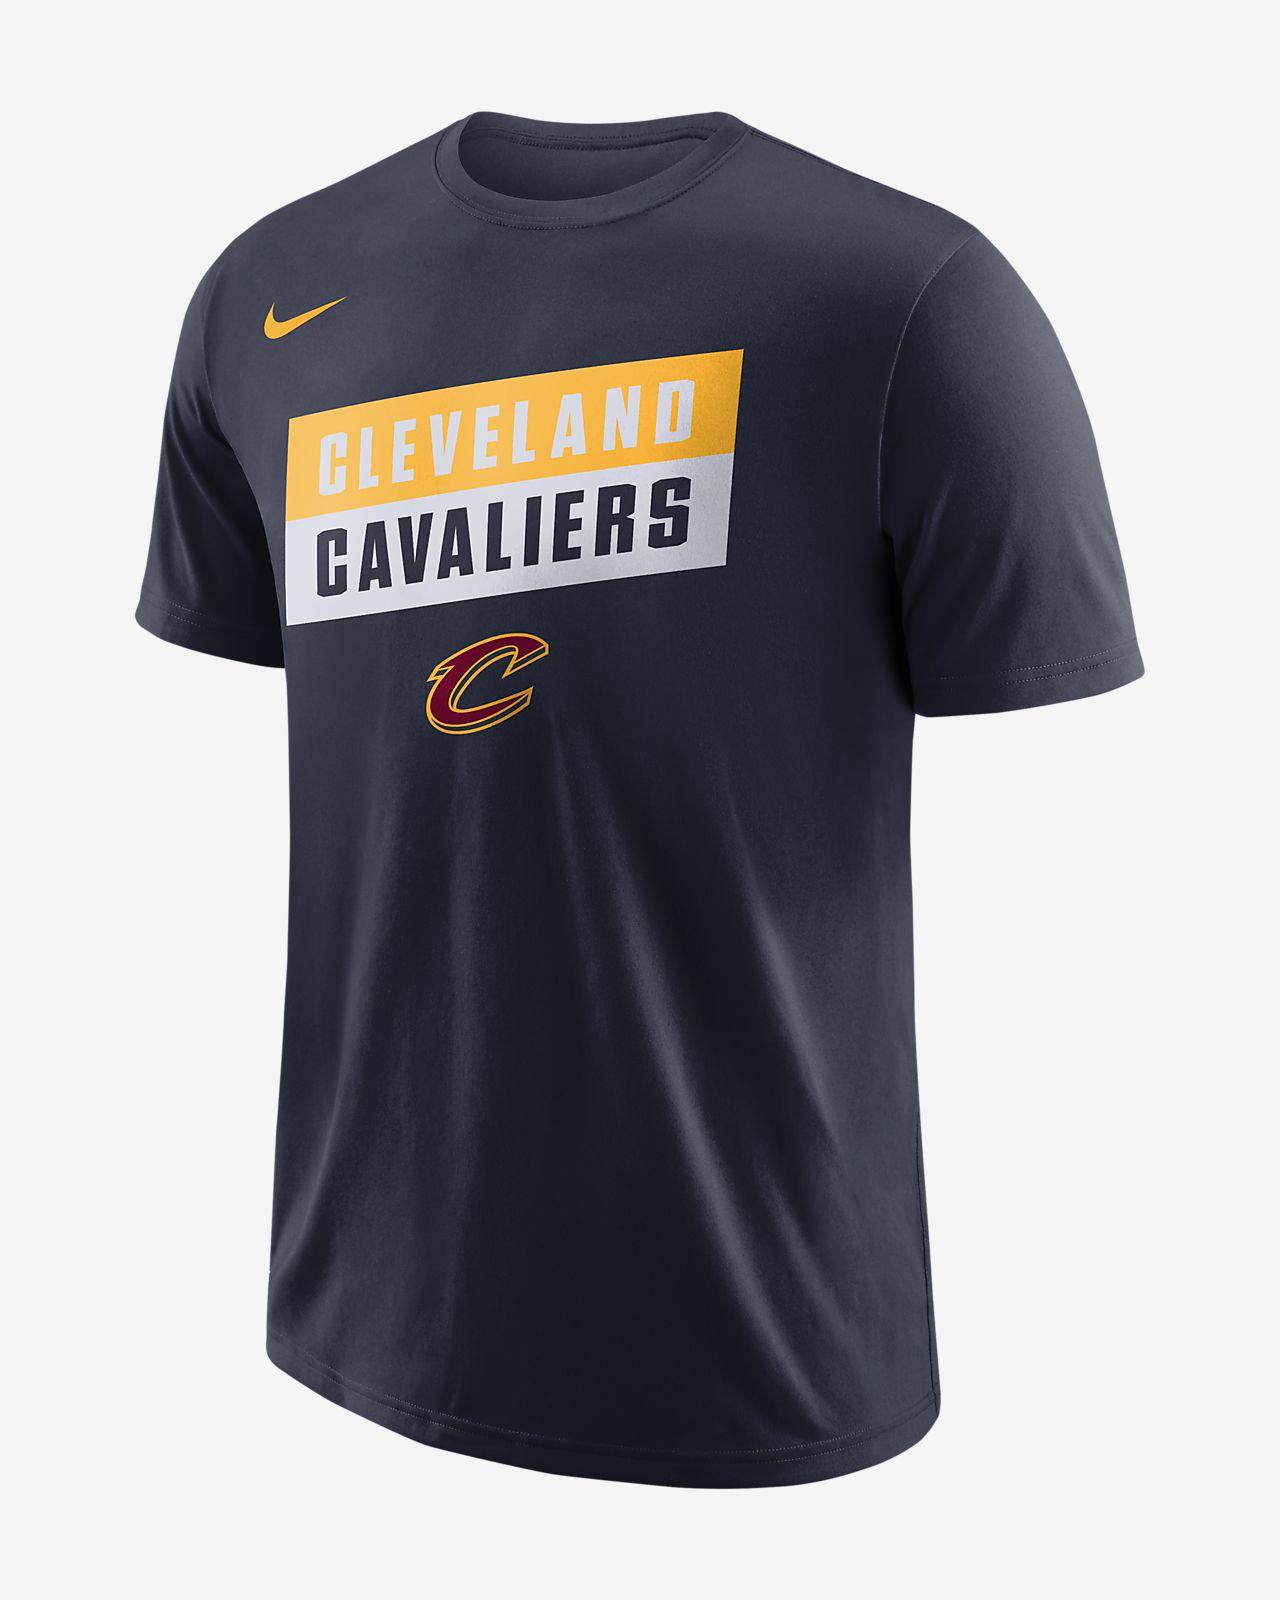 Tee-shirt de NBA Cleveland Cavaliers Nike Dri-FIT pour Homme